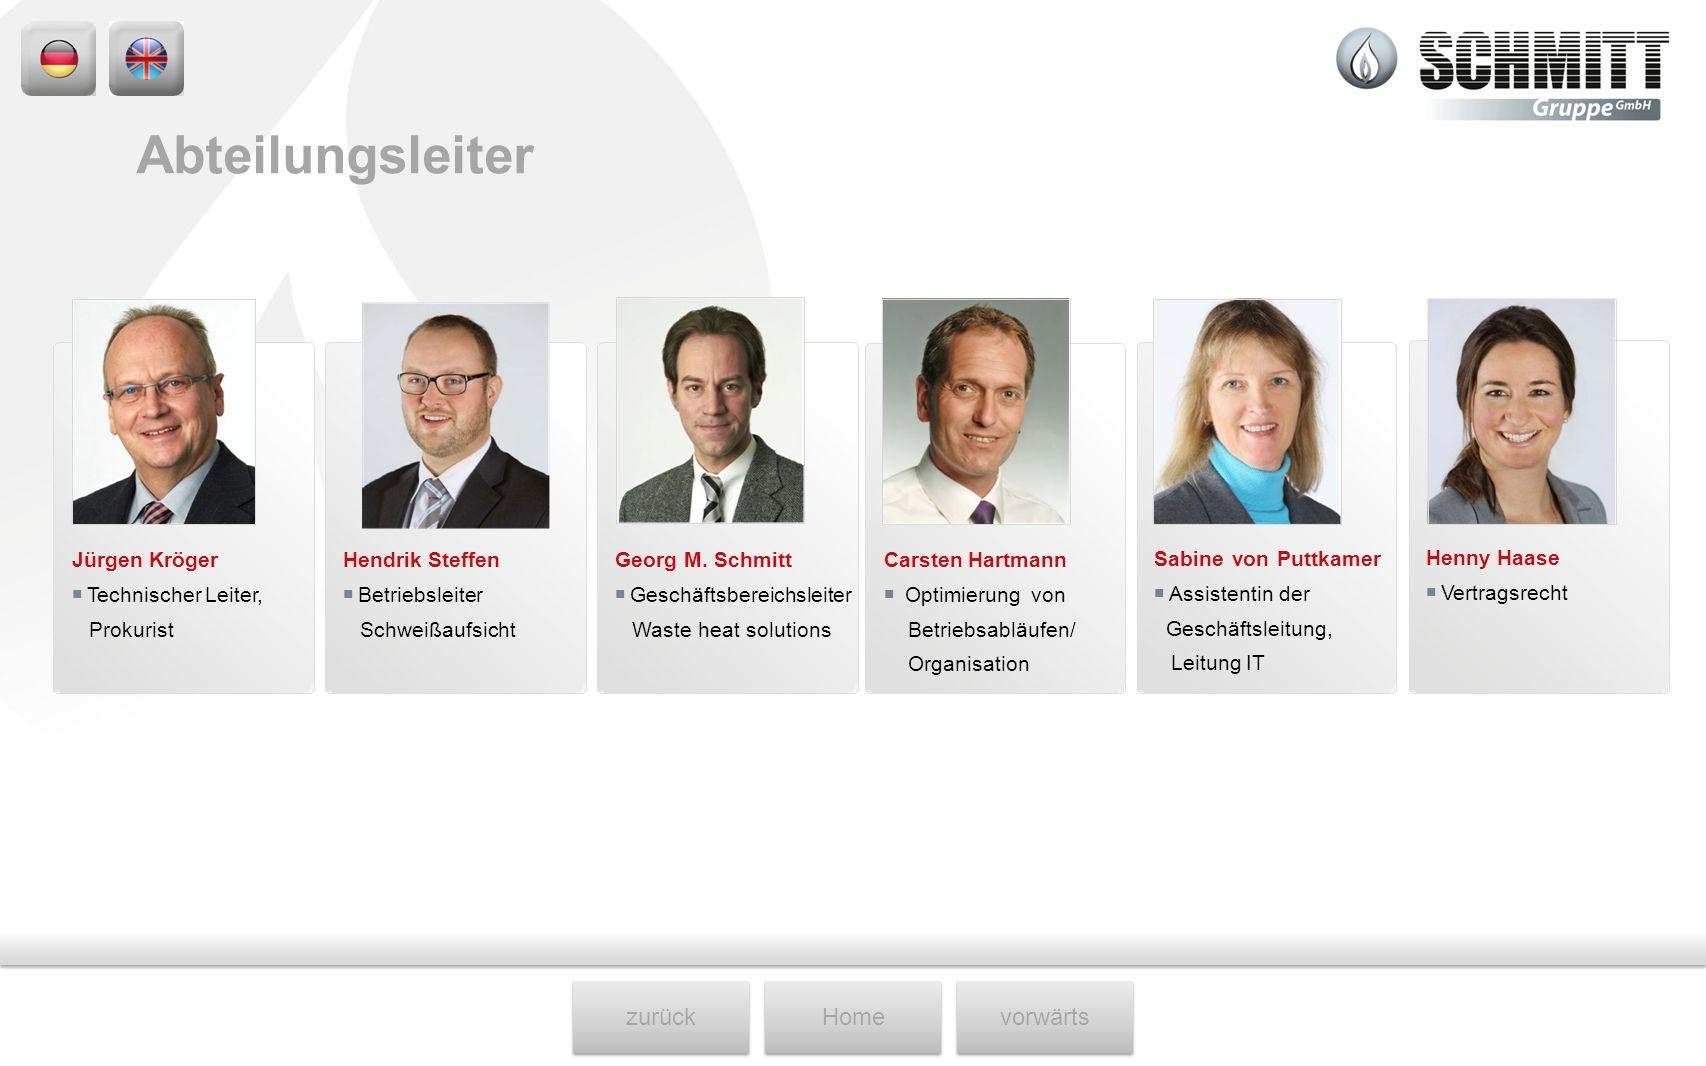 zurückHomevorwärts Henny Haase Vertragsrecht Sabine von Puttkamer Assistentin der Geschäftsleitung, Leitung IT Jürgen Kröger Technischer Leiter, Proku